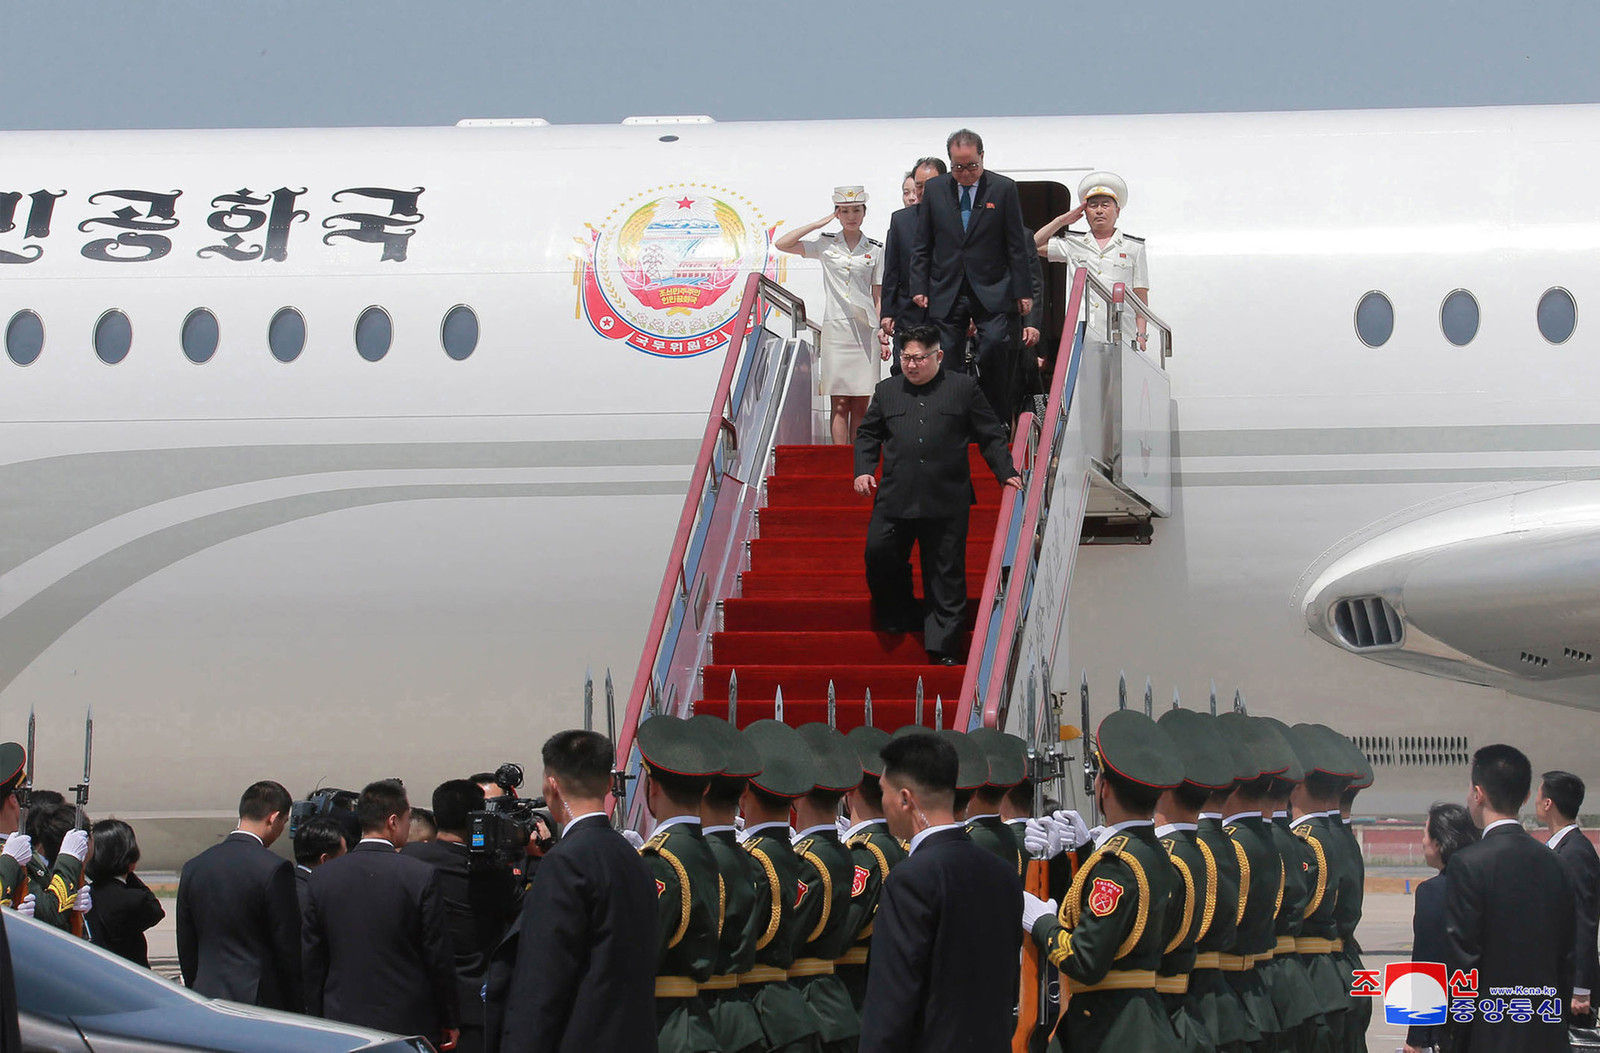 Ким Жон Ун гурав дахь удаагаа Ши Жиньпинтэй уулзахаар Бээжинд ирж байна